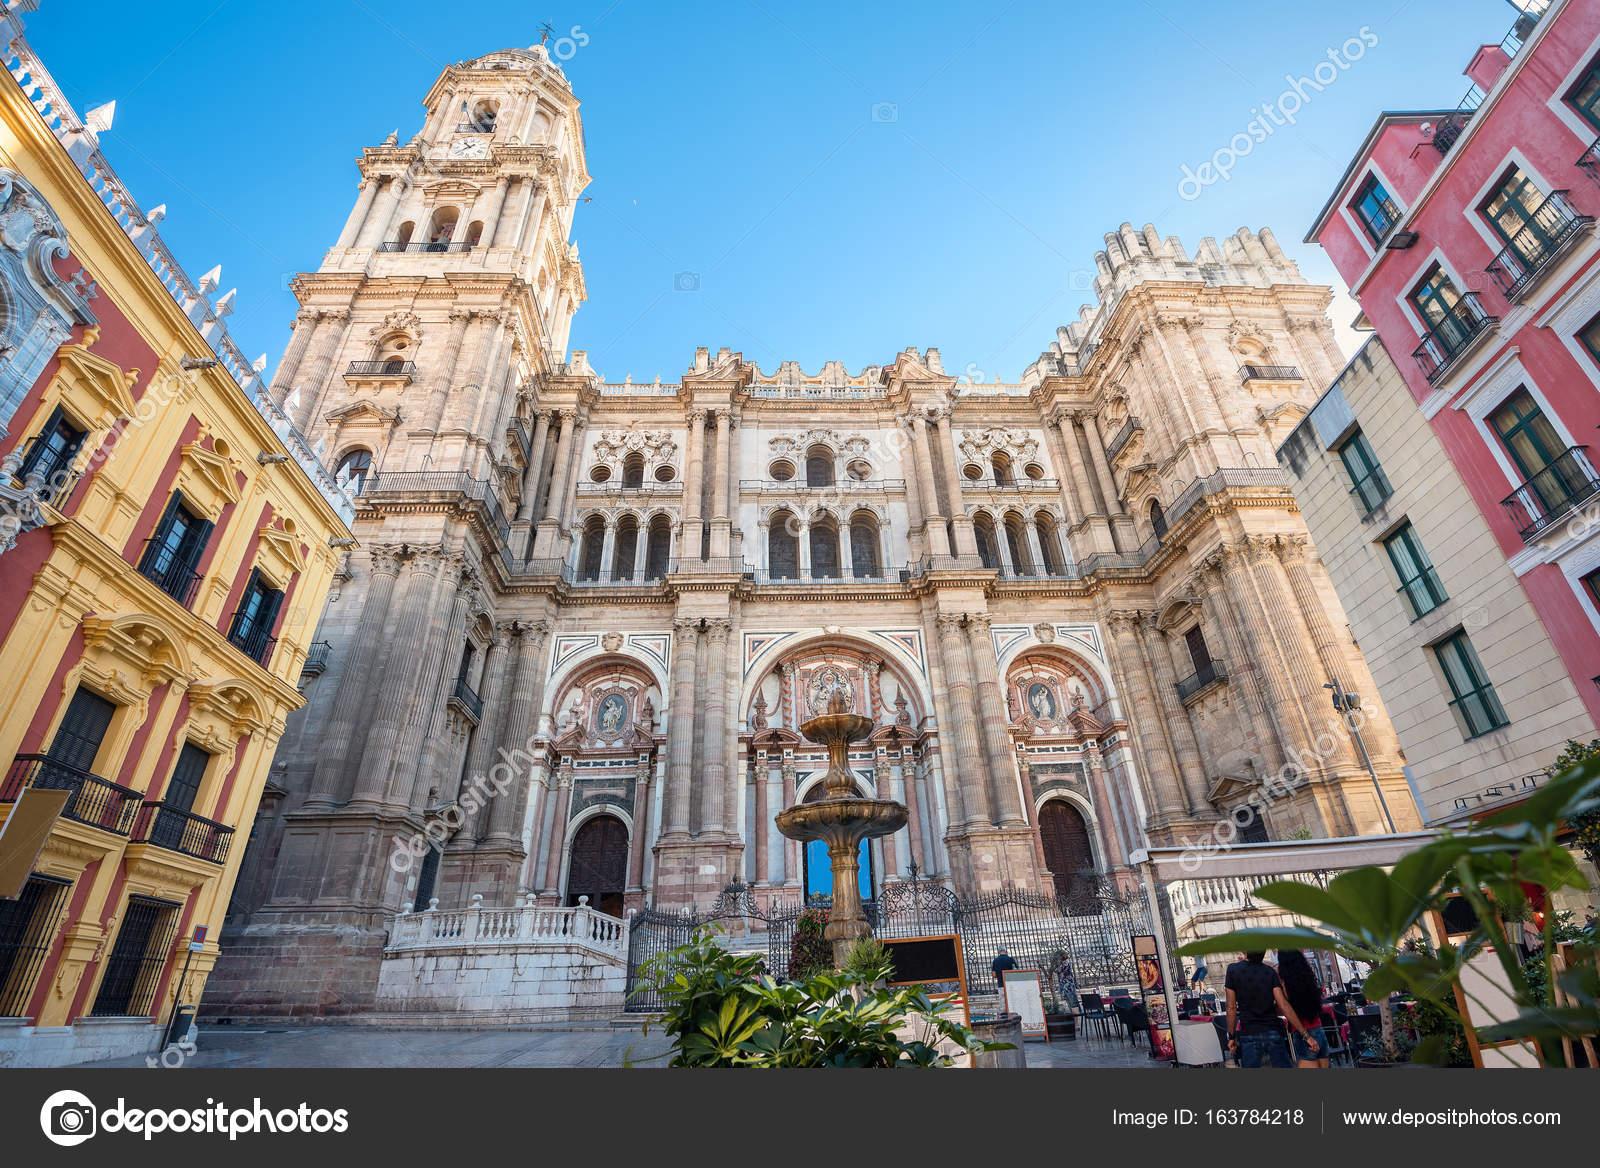 Malaga Cathedral On Plaza Del Obispo Stock Photo C Bareta 163784218